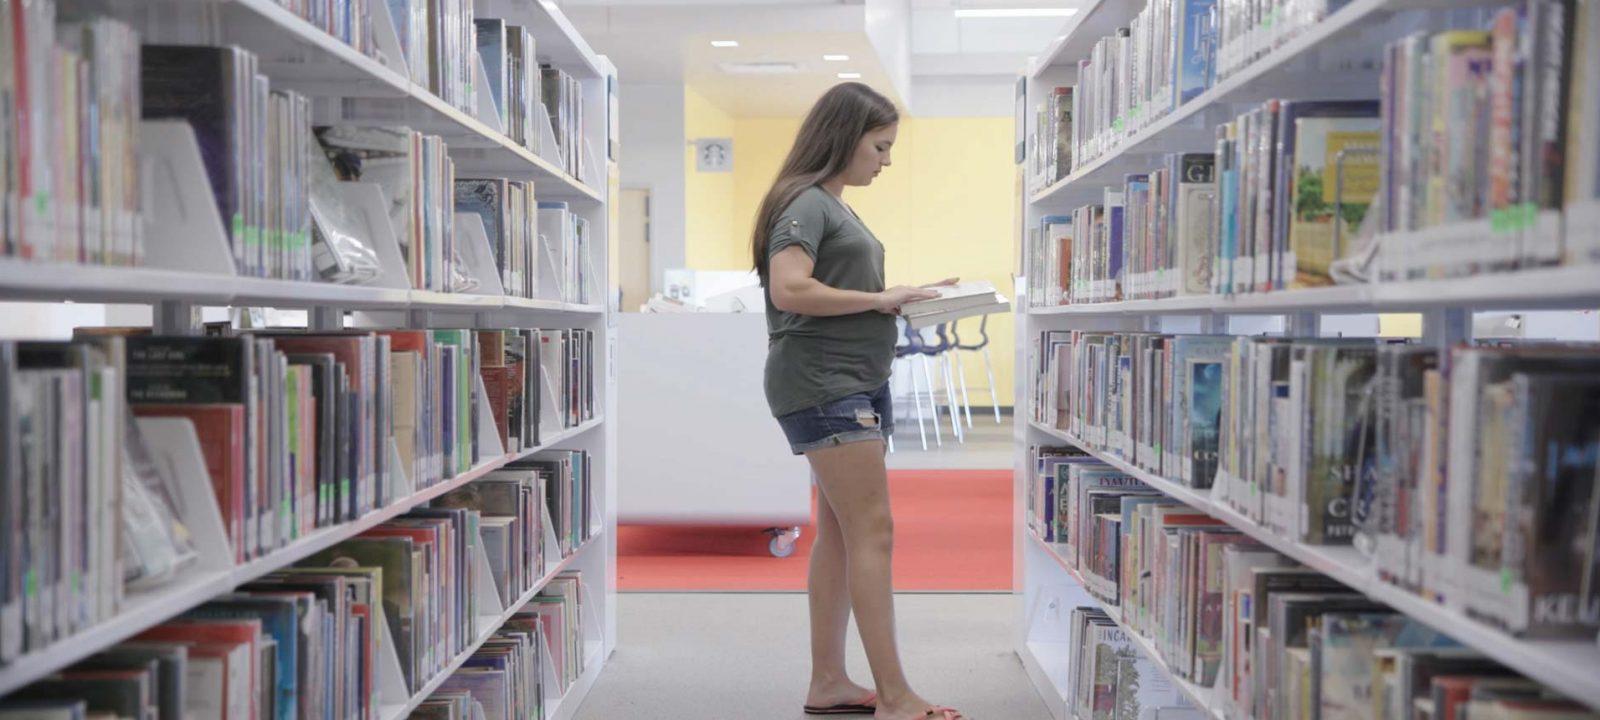 Ricarda in library